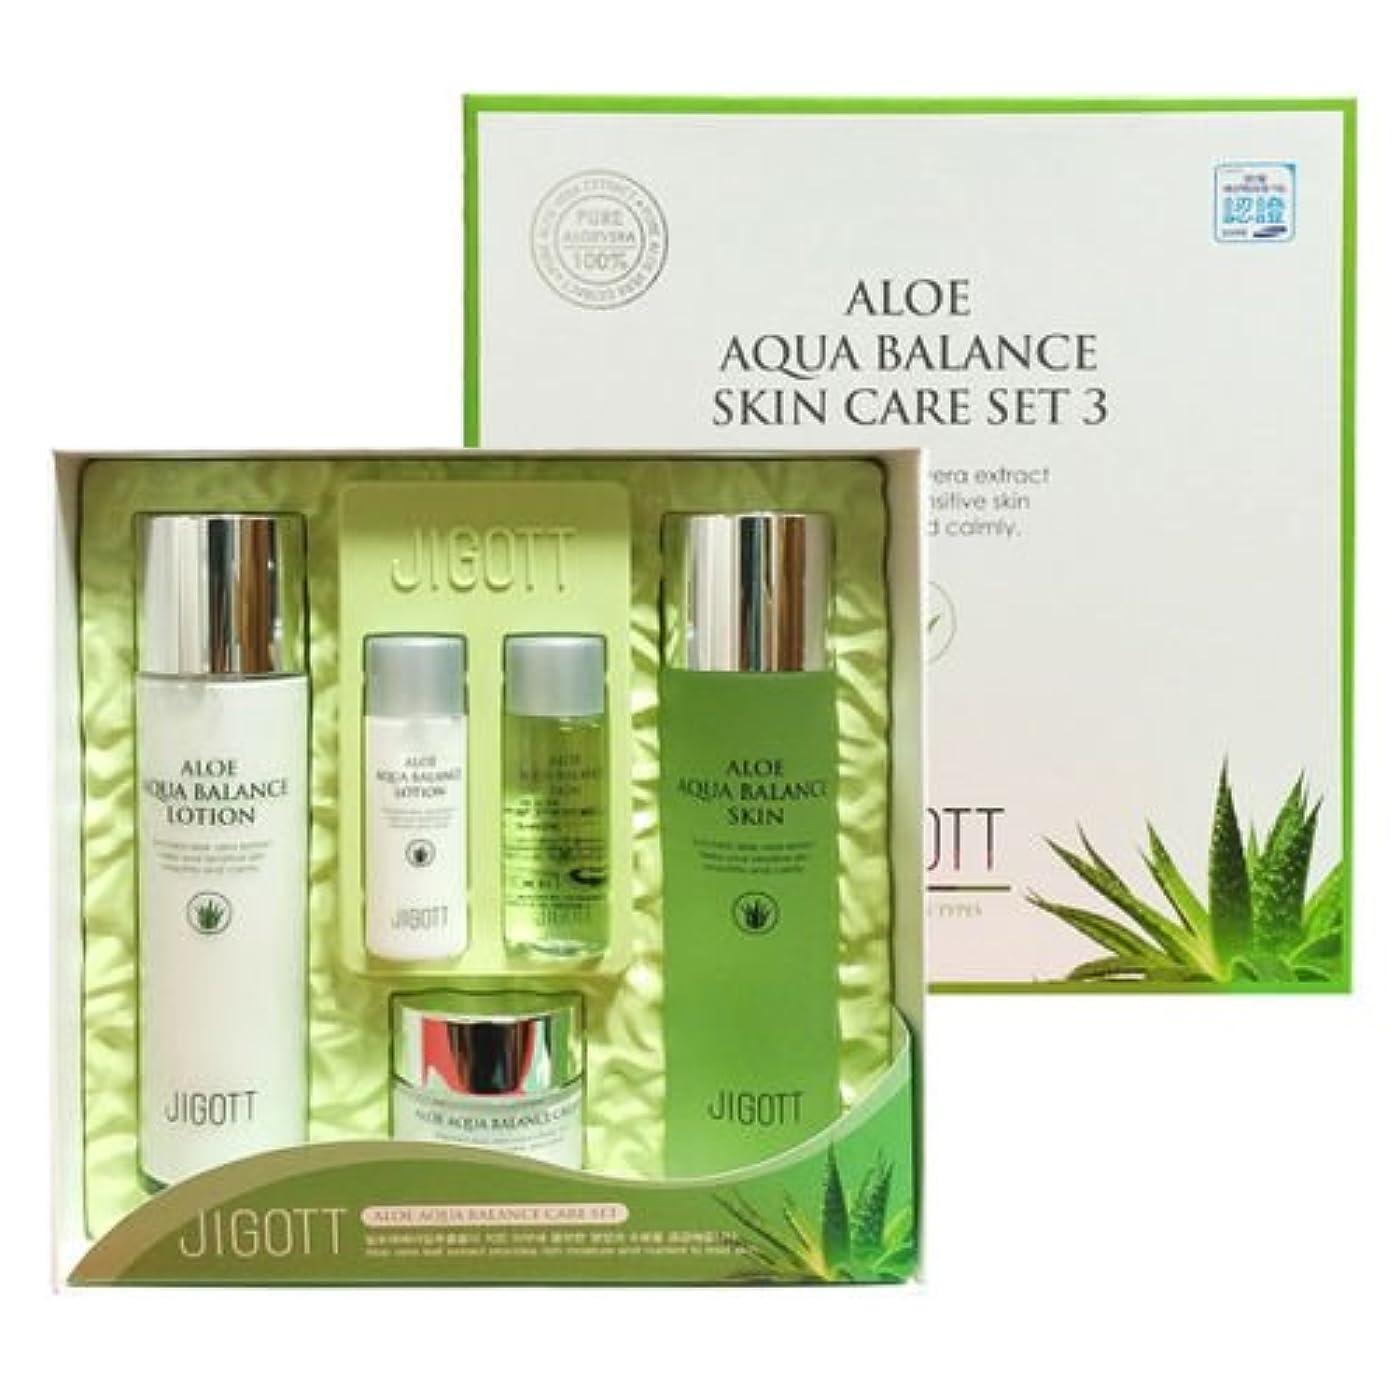 逃す鰐徹底ジゴトゥ[韓国コスメJigott]Aloe Aqua Balance Skin Care 3 Set アロエアクアバランススキンケア3セット樹液,乳液,クリーム [並行輸入品]